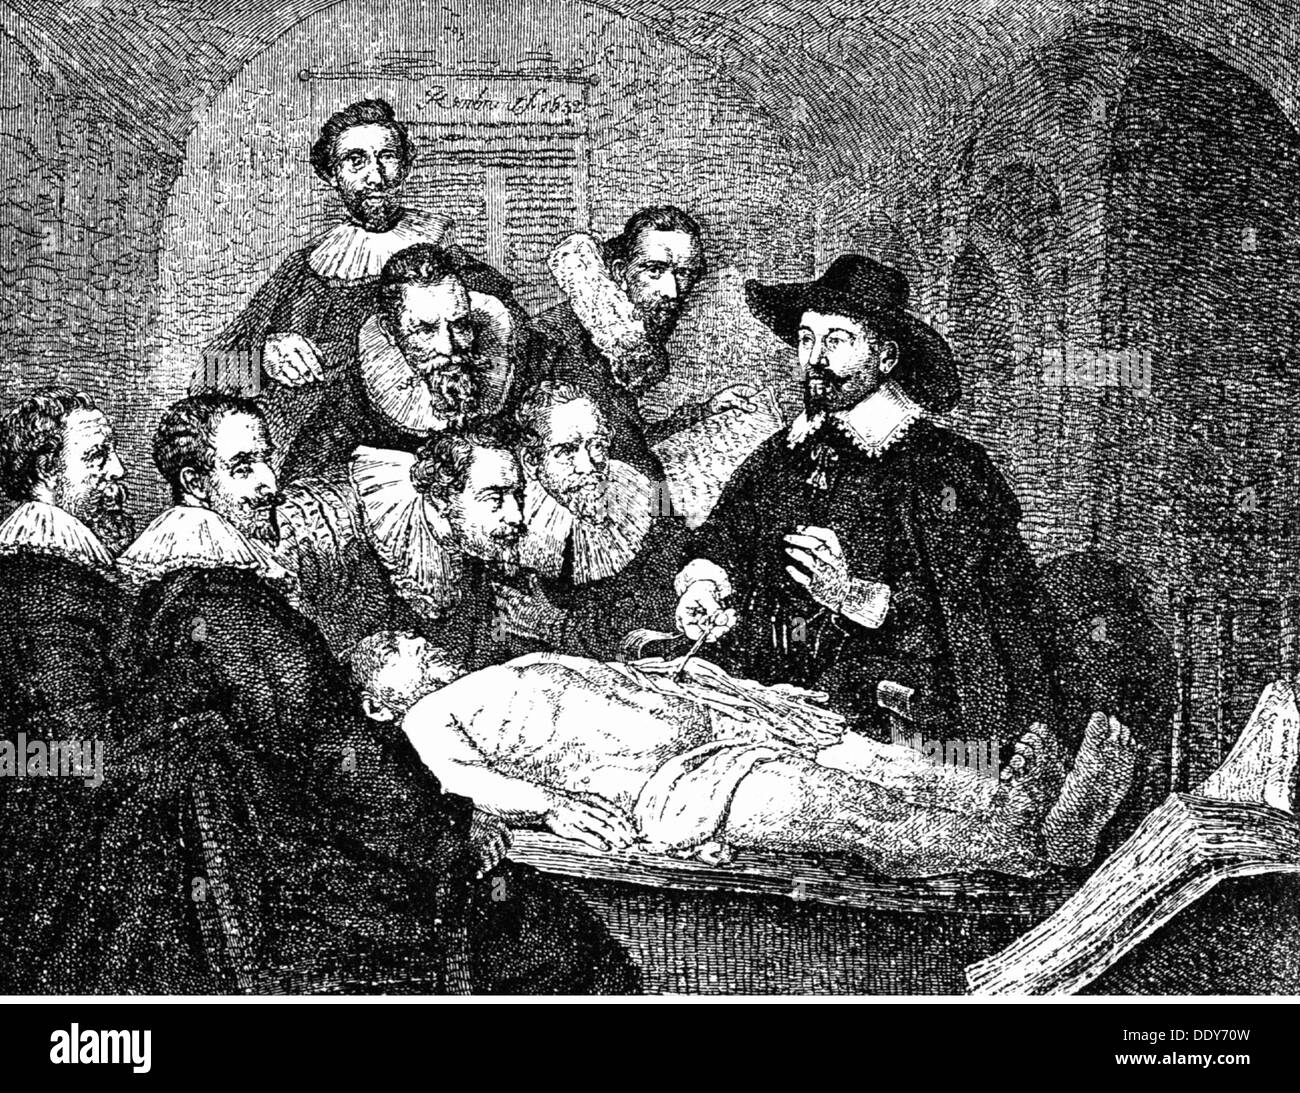 La medicina, la anatomía, la disección / la autopsia, después de ...